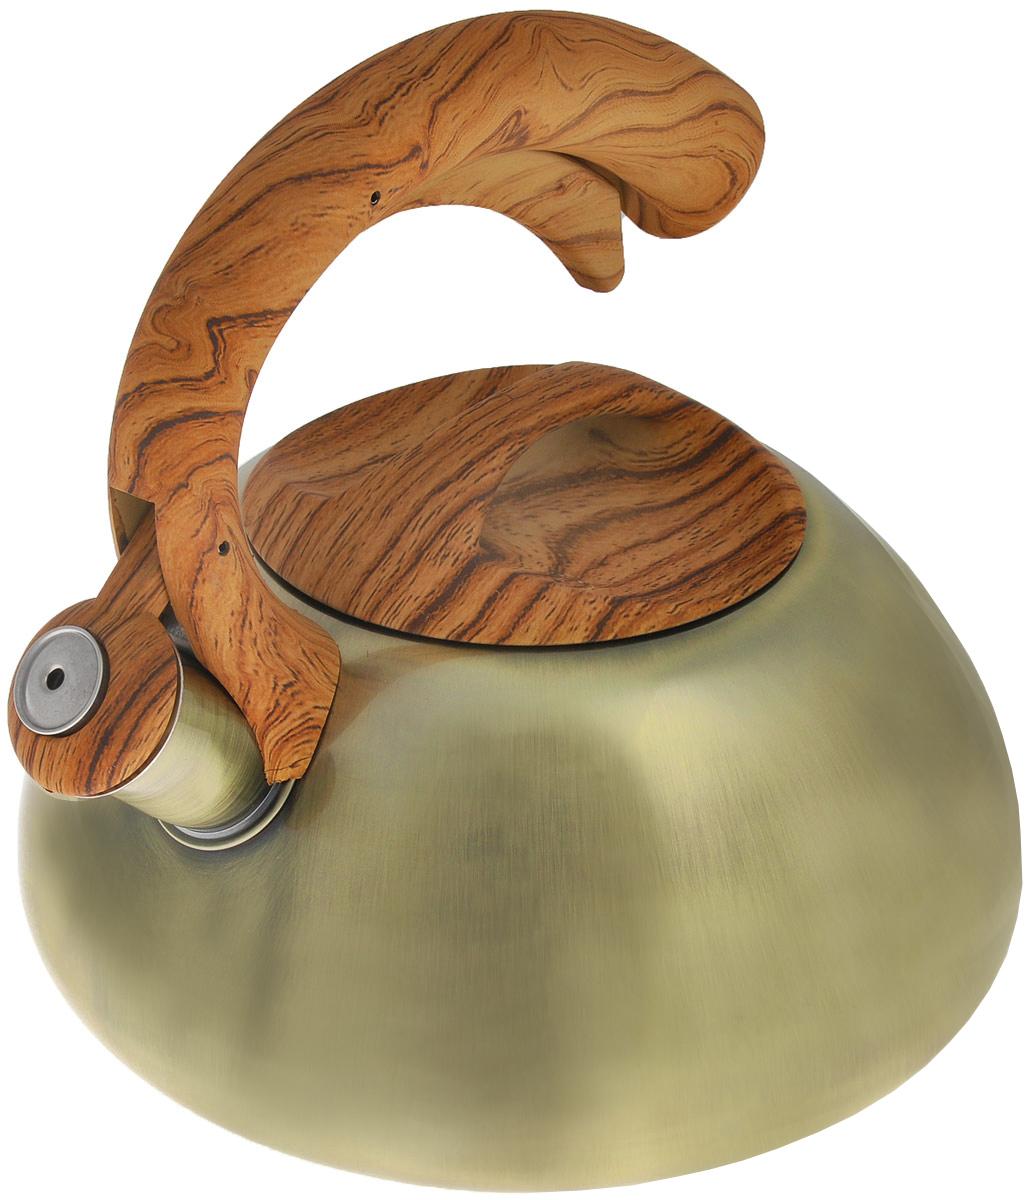 Чайник Bekker Koch со свистком, 3 л. BK-S424BK-S424Чайник Bekker Koch изготовлен из высококачественной нержавеющей стали 18/10. Цельнометаллическое дно распределяет тепло по всей поверхности, что позволяет чайнику быстро закипать. Крышка и эргономичная фиксированная ручка выполнены под дерево из бакелита с приятным на ощупь прорезиненным покрытием. Носик оснащен откидным свистком, который подскажет, когда вода закипела. Свисток открывается и закрывается нажатием рычага на ручке. Подходит для всех типов плит, включая индукционные. Можно мыть в посудомоечной машине. Диаметр (по верхнему краю): 11 см. Диаметр основания: 22 см. Высота чайника (без учета ручки): 11 см. Высота чайника (с учетом ручки): 21 см.